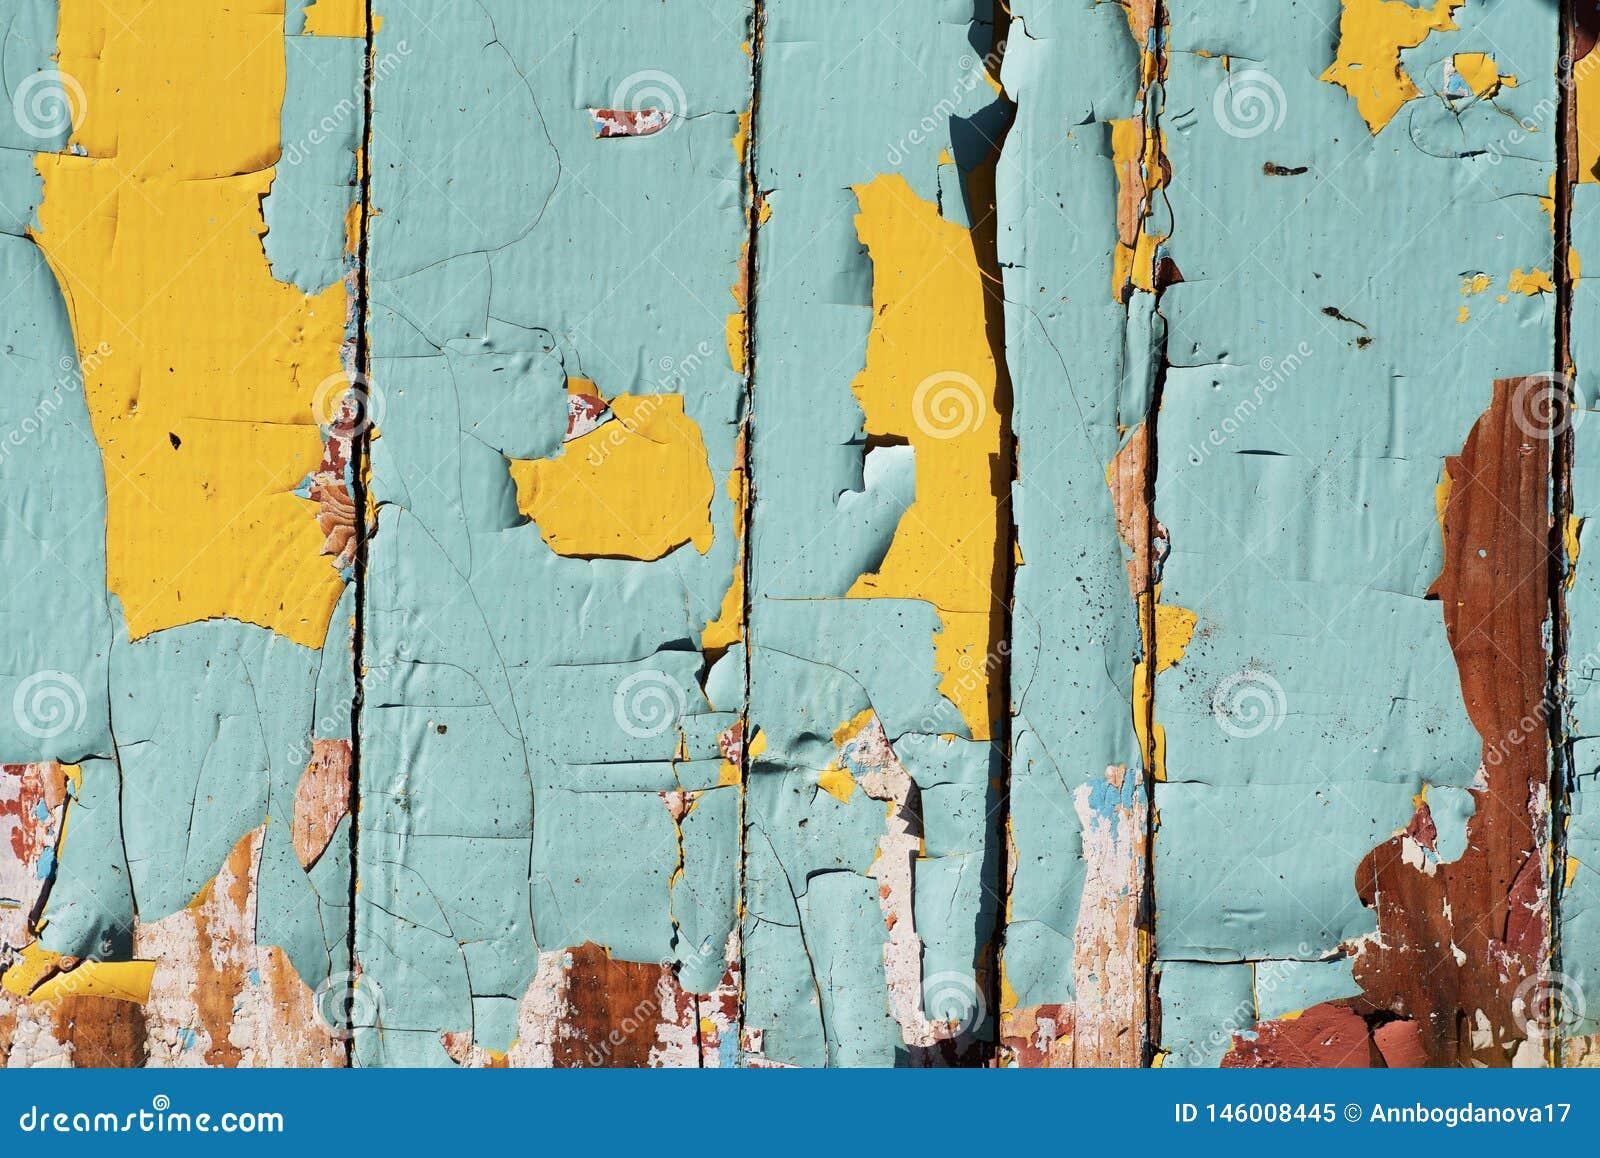 Треснутая старая краска на деревянных досках Бирюза и желтый цвет